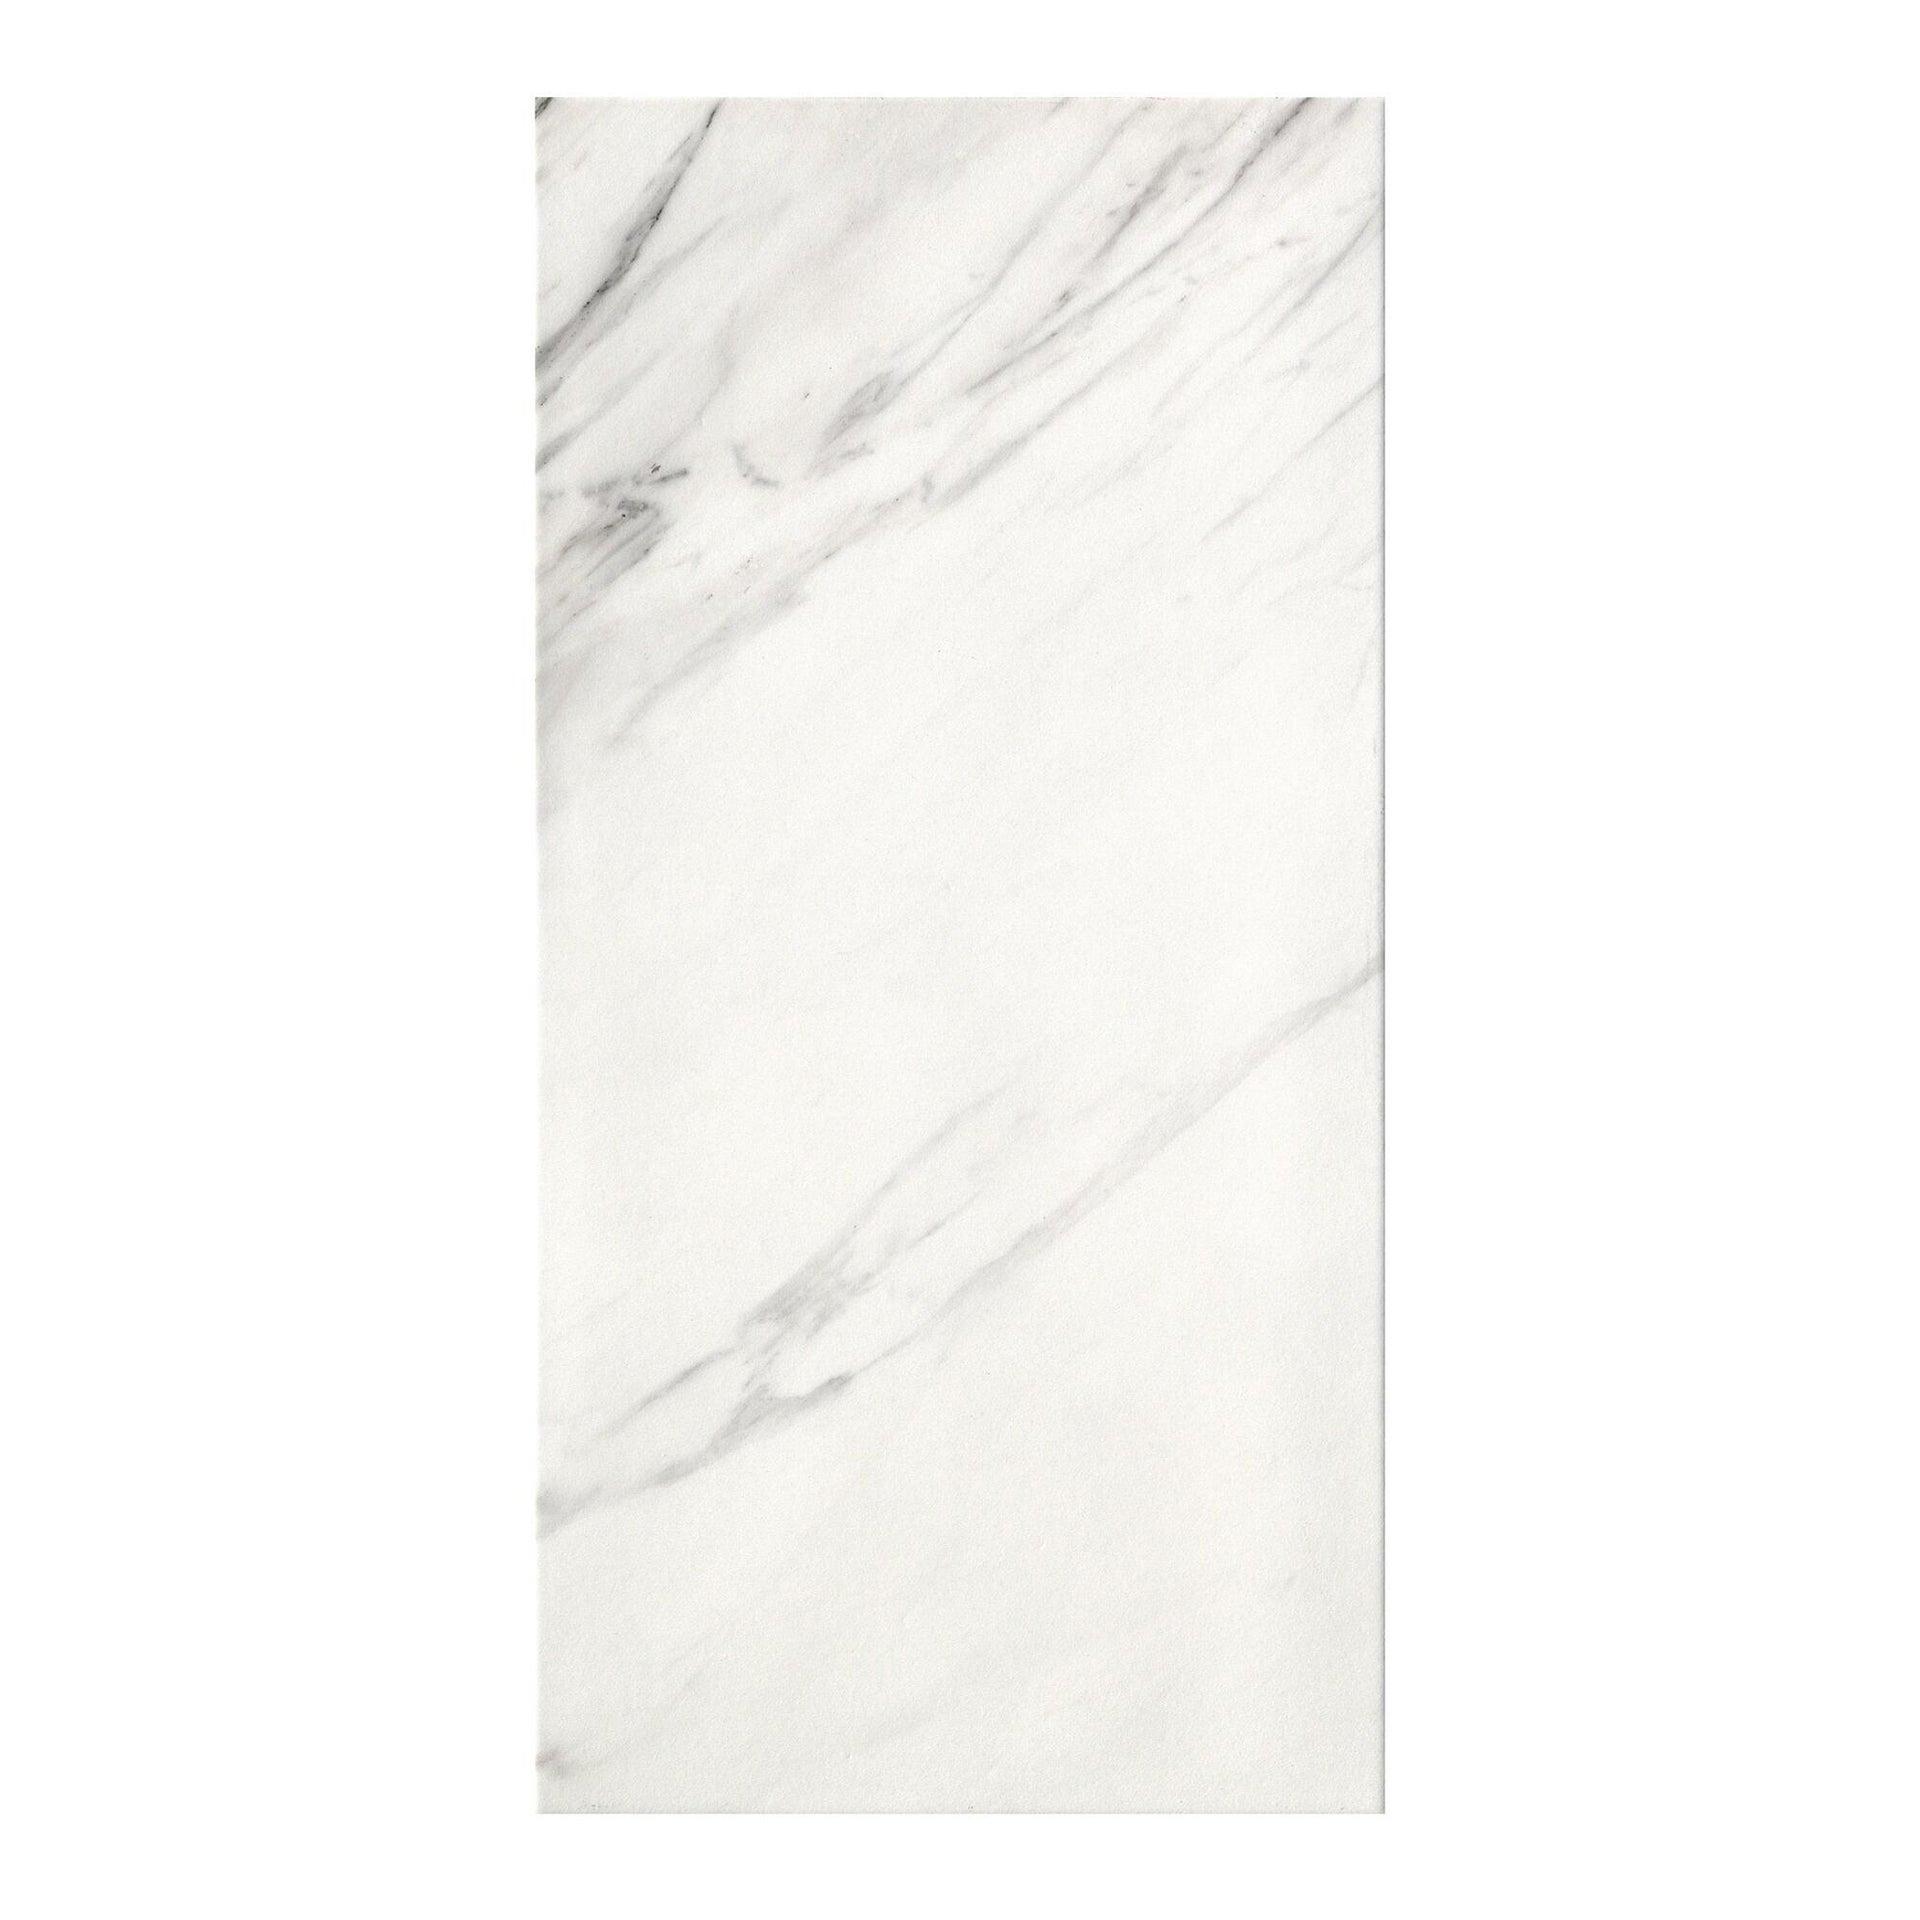 Piastrella Canalgrande 40 x 80 cm sp. 10 mm PEI 4/5 bianco - 5